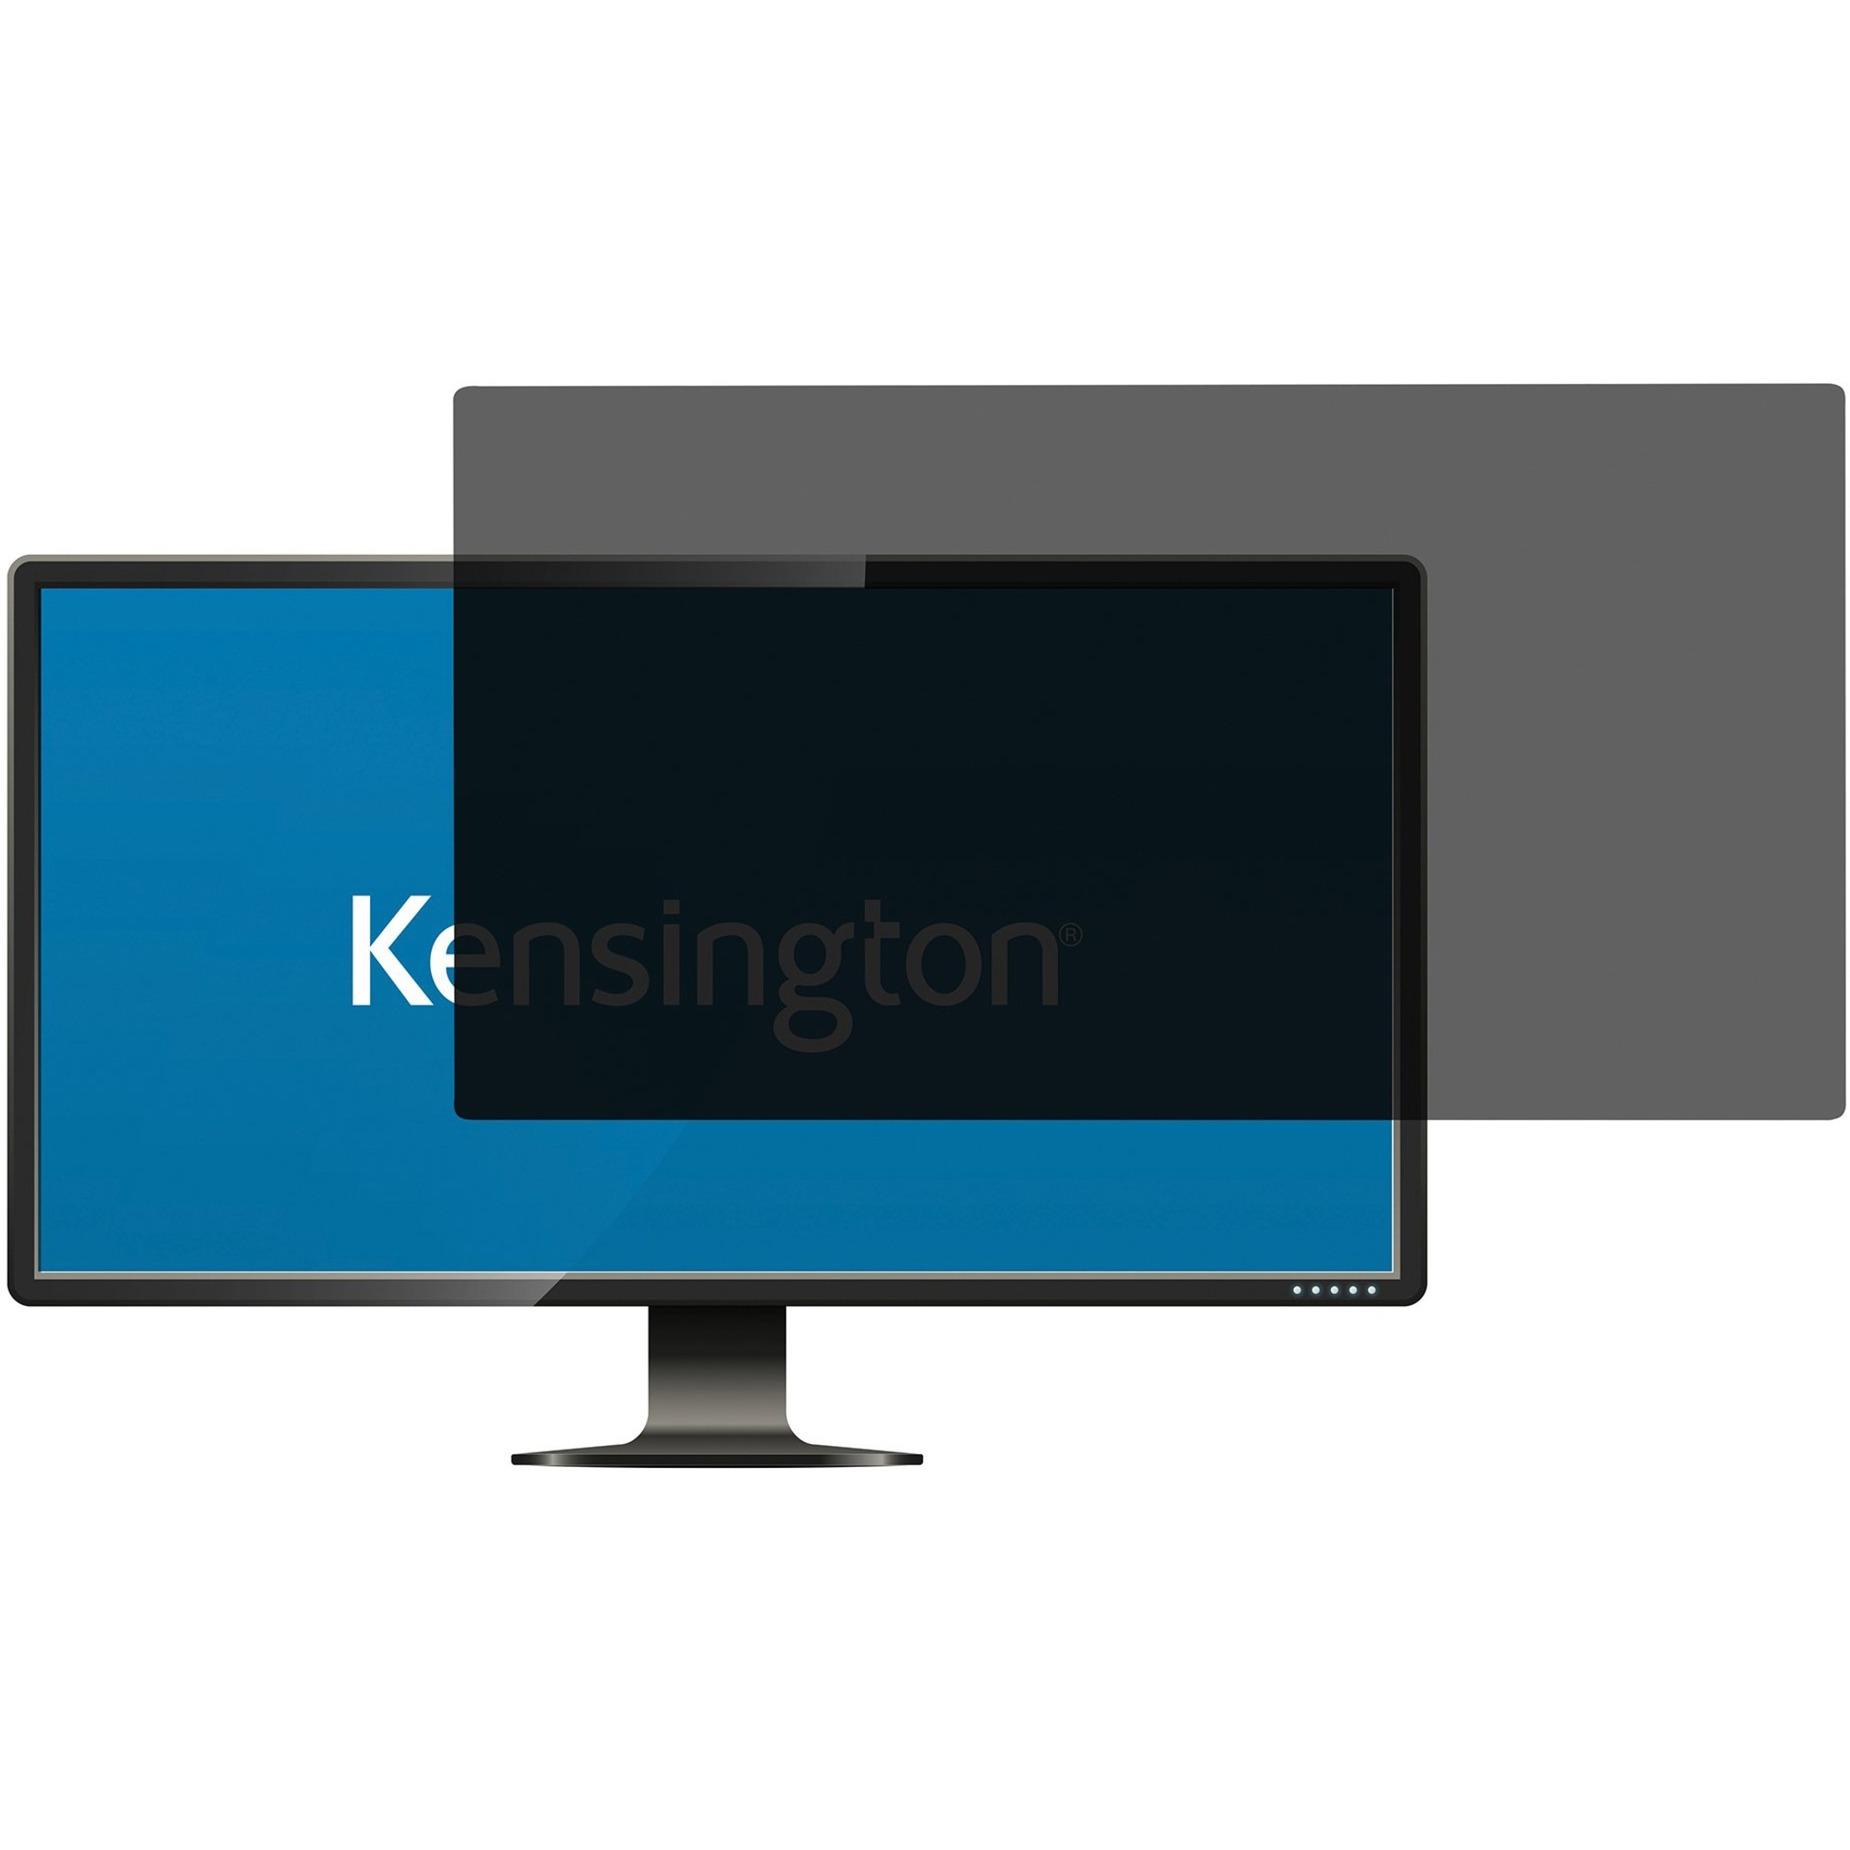 626482 filtro para monitor Filtro de privacidad para pantallas sin marco